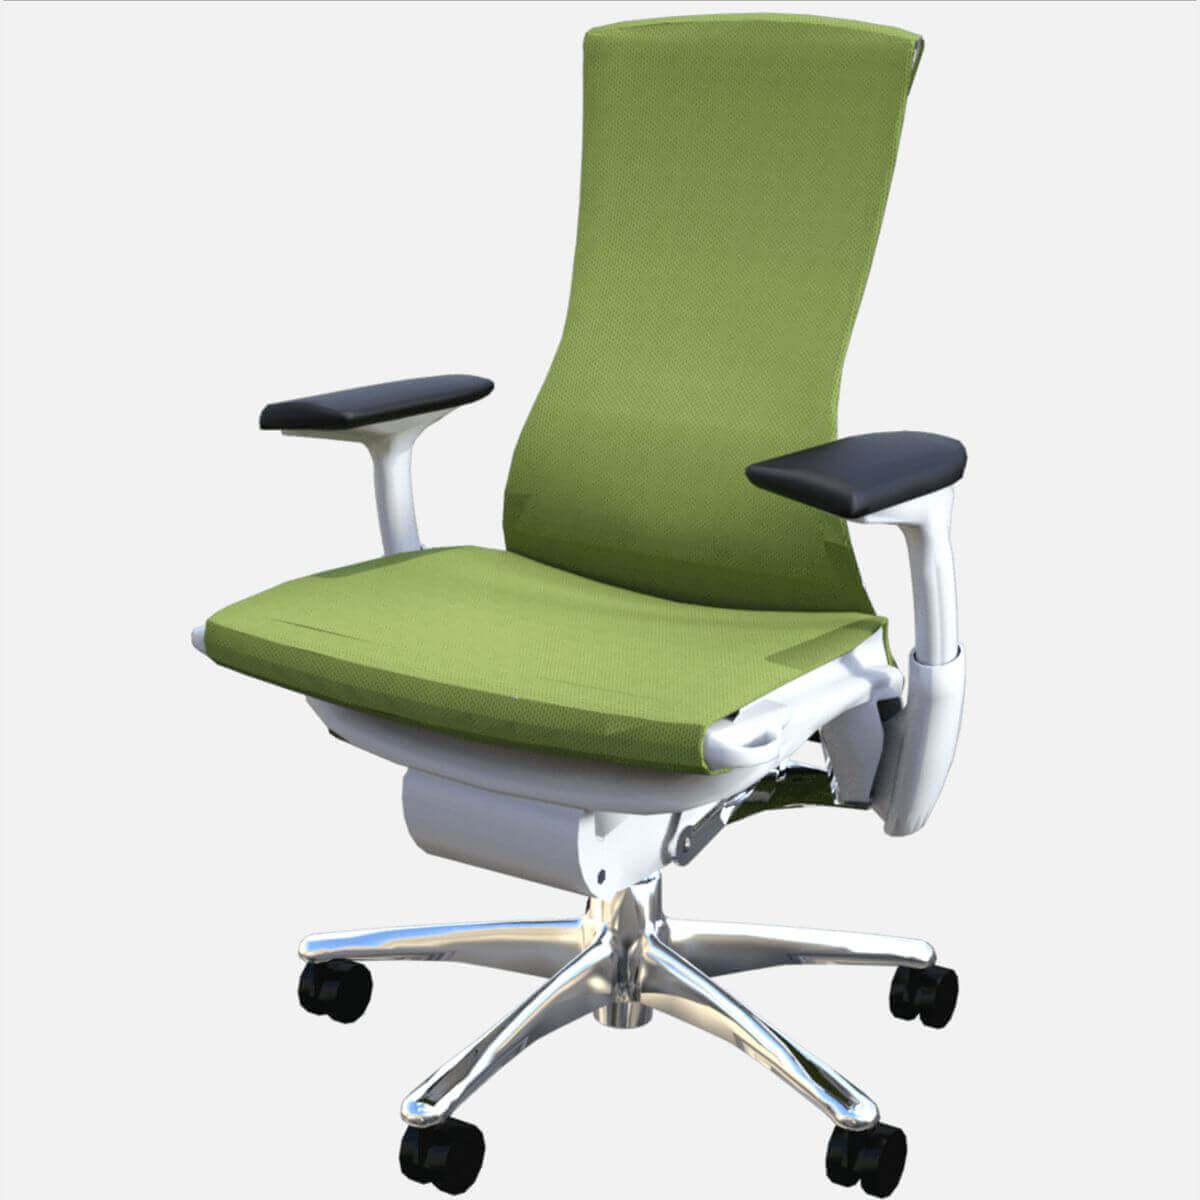 Herman Miller Embody Herman Miller Embody Chair Black